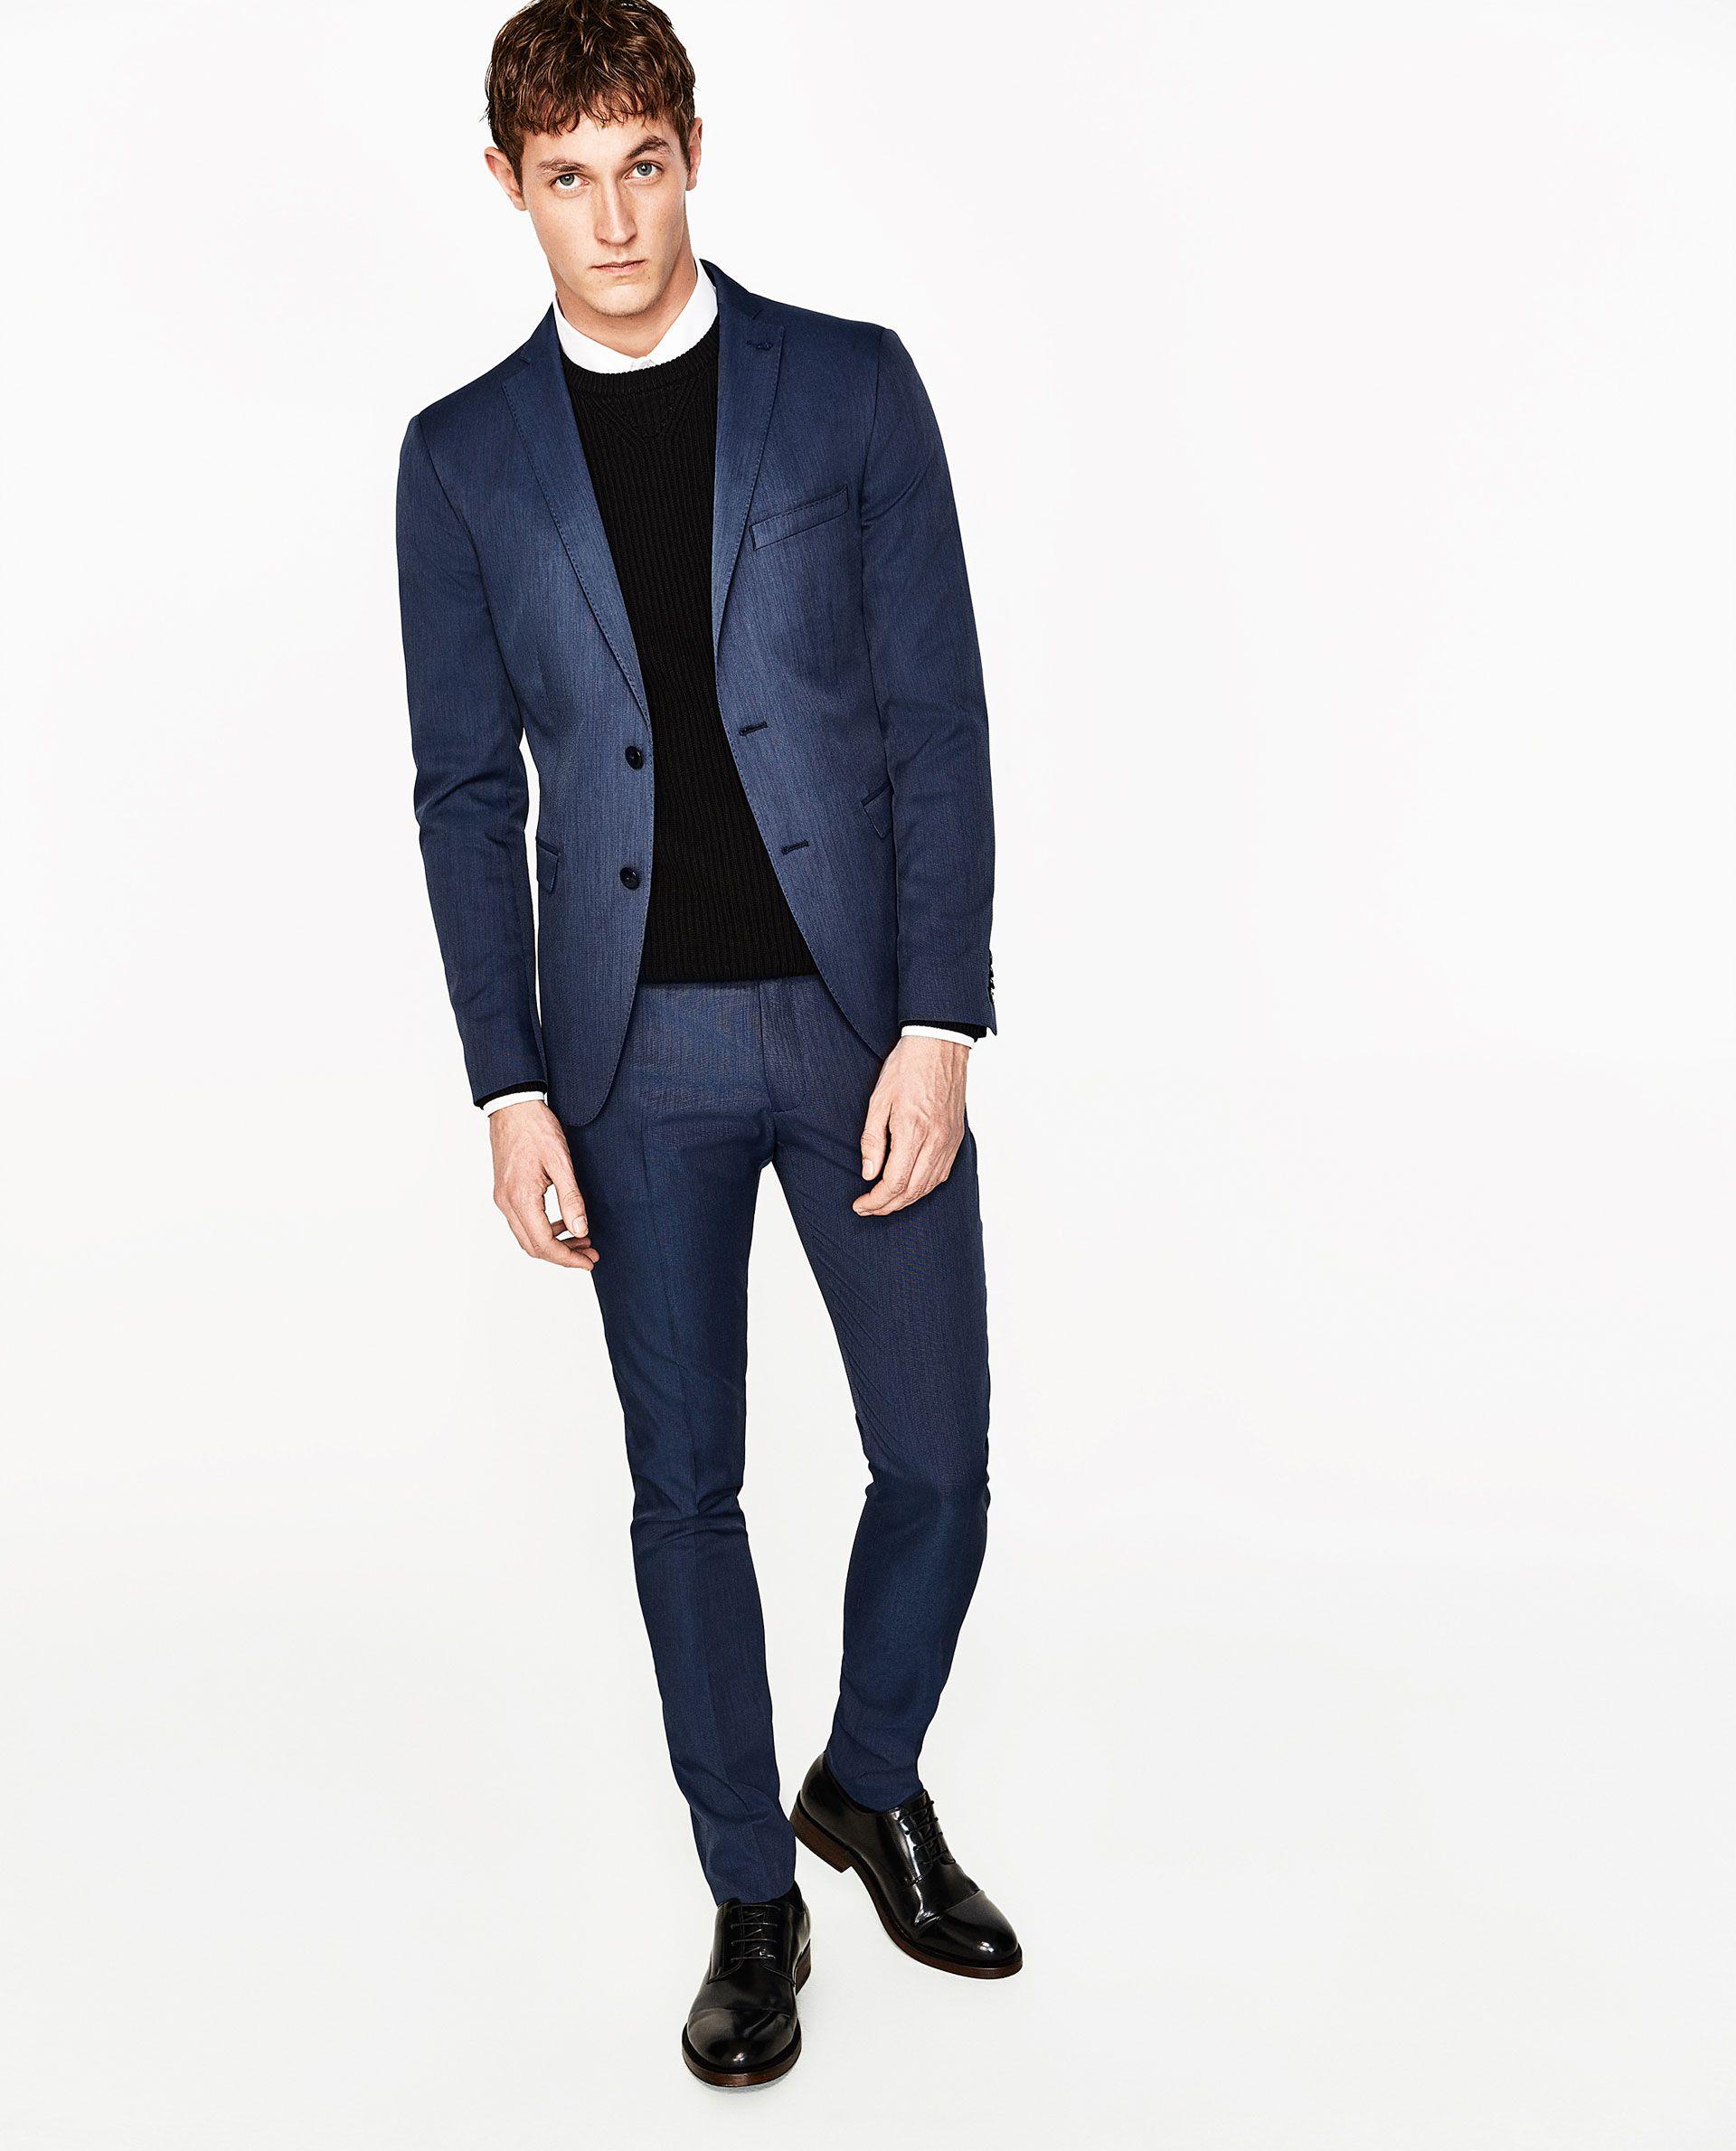 9b3ce942da Image 1 of COOLMAX SUIT BLAZER from Zara | Clarks | Suits, Blazer ...